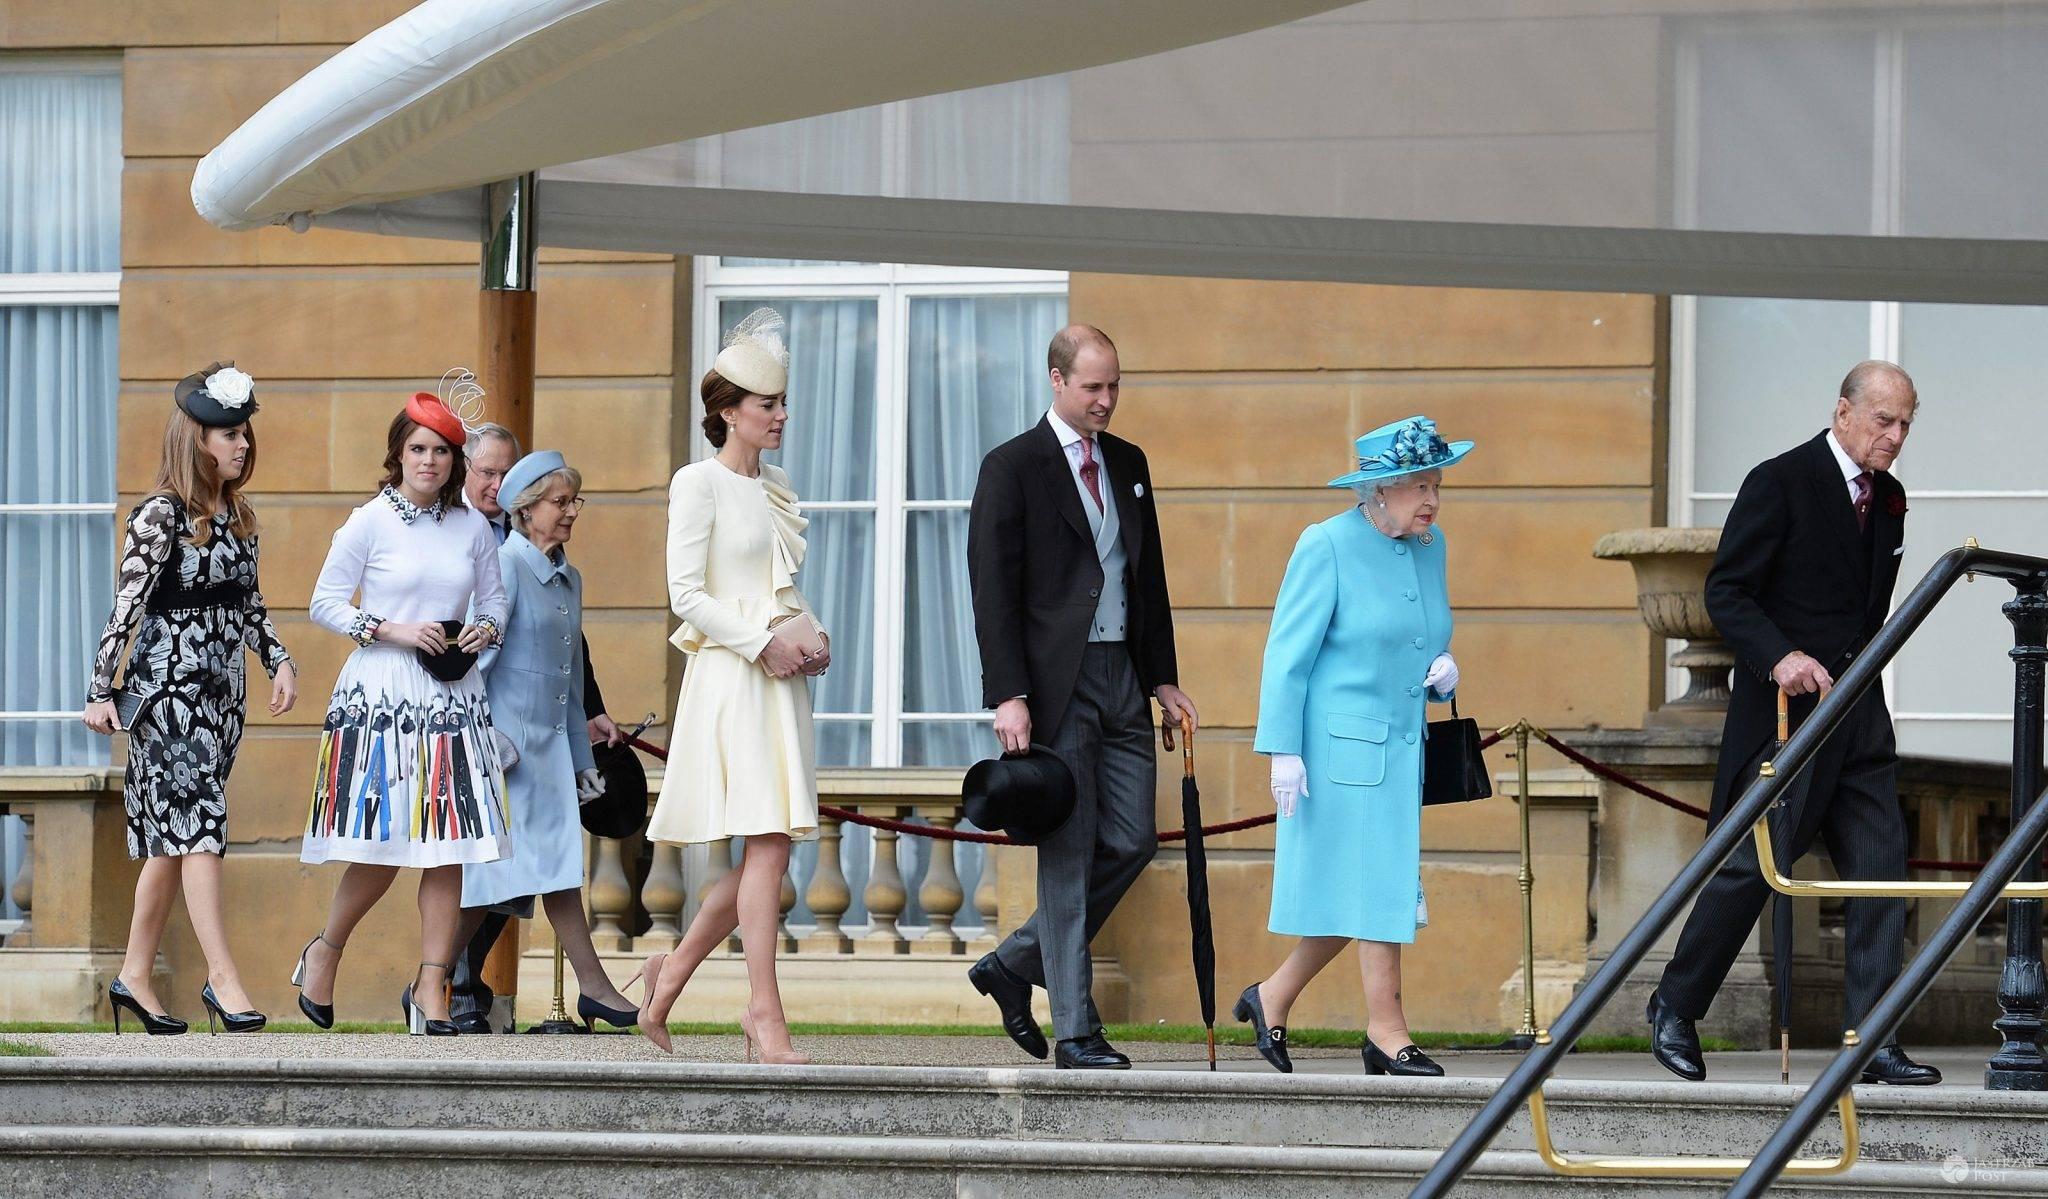 Od lewej: księżniczka Beatrice, księżniczka Eugenia, księżna Kate, książę William, królowa Elżbieta II i książę Filip. Garden party w Pałacu Buckingham (fot. ONS)